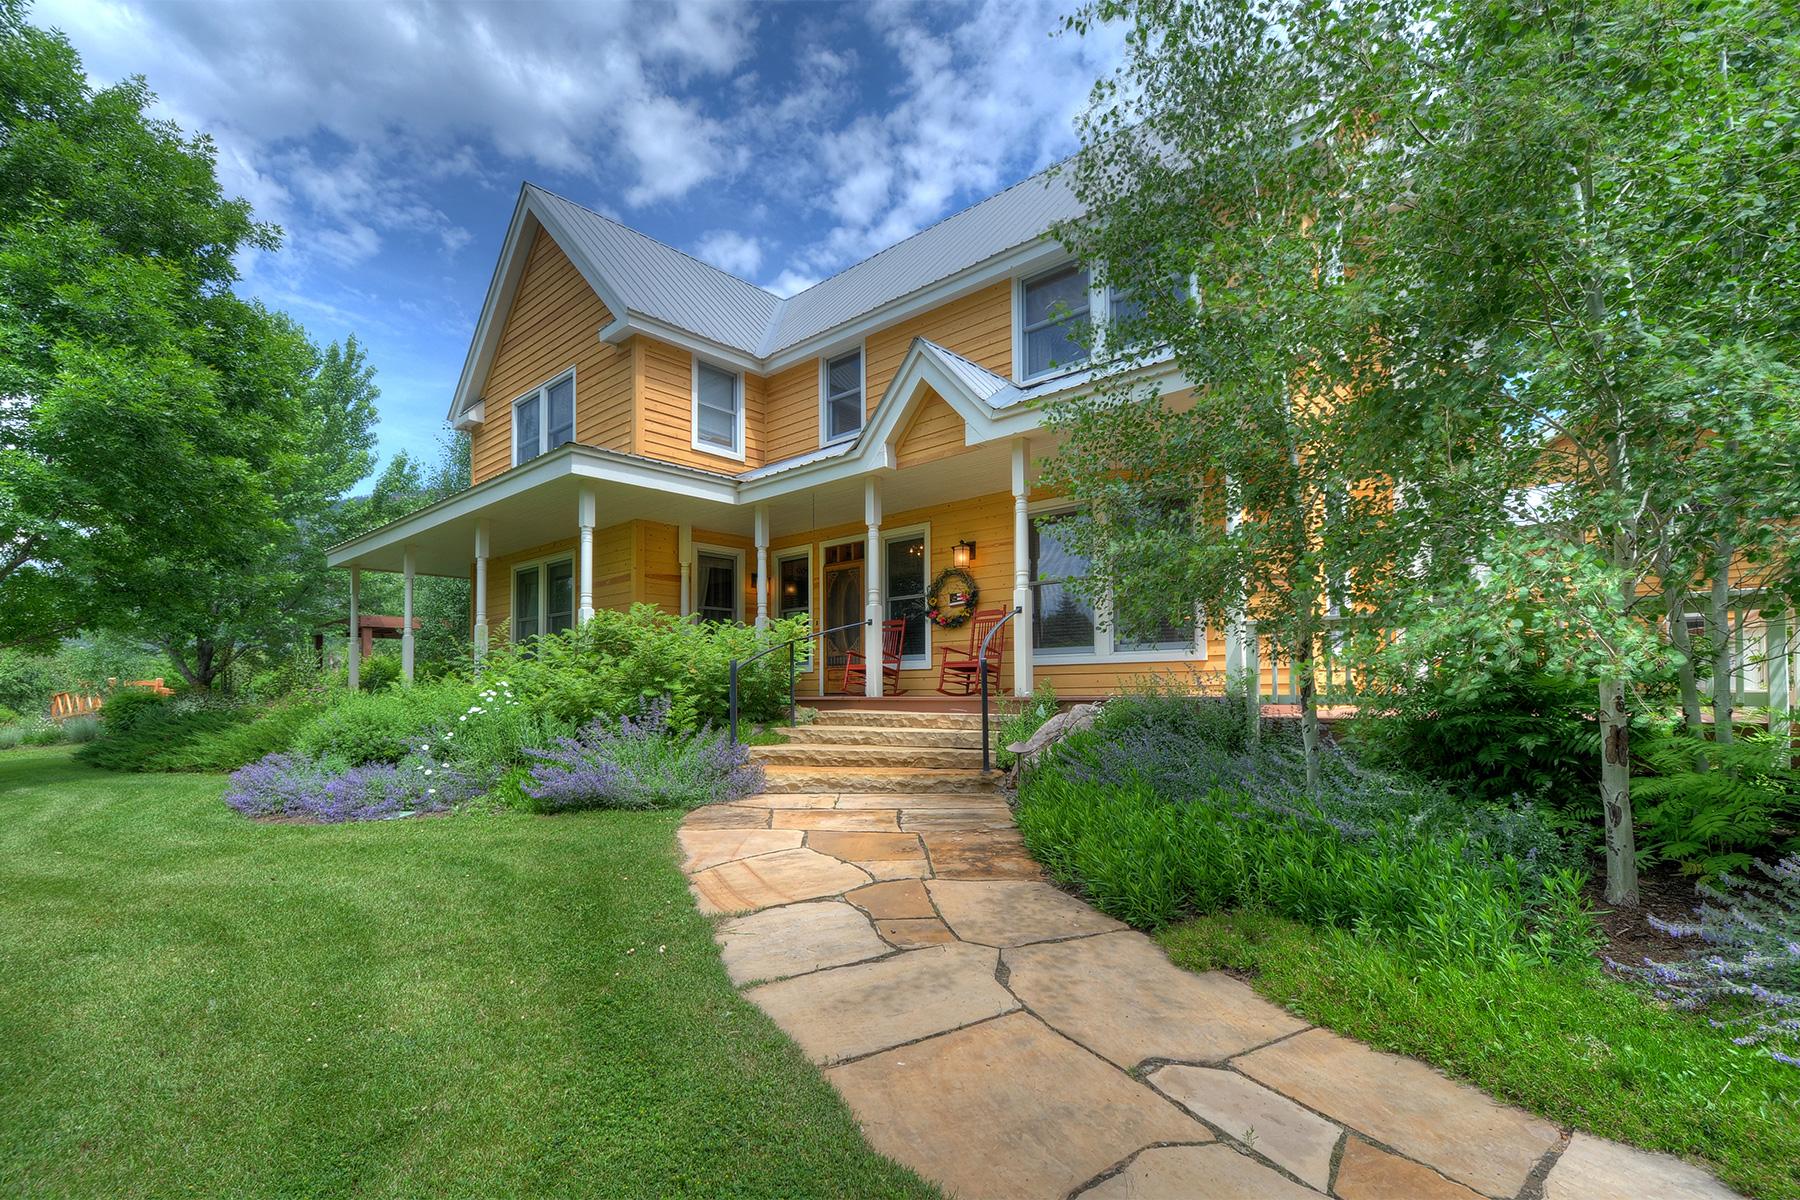 Maison unifamiliale pour l Vente à Wild Wings Ranch 615 S Coon Creek Durango, Colorado, 81301 États-Unis